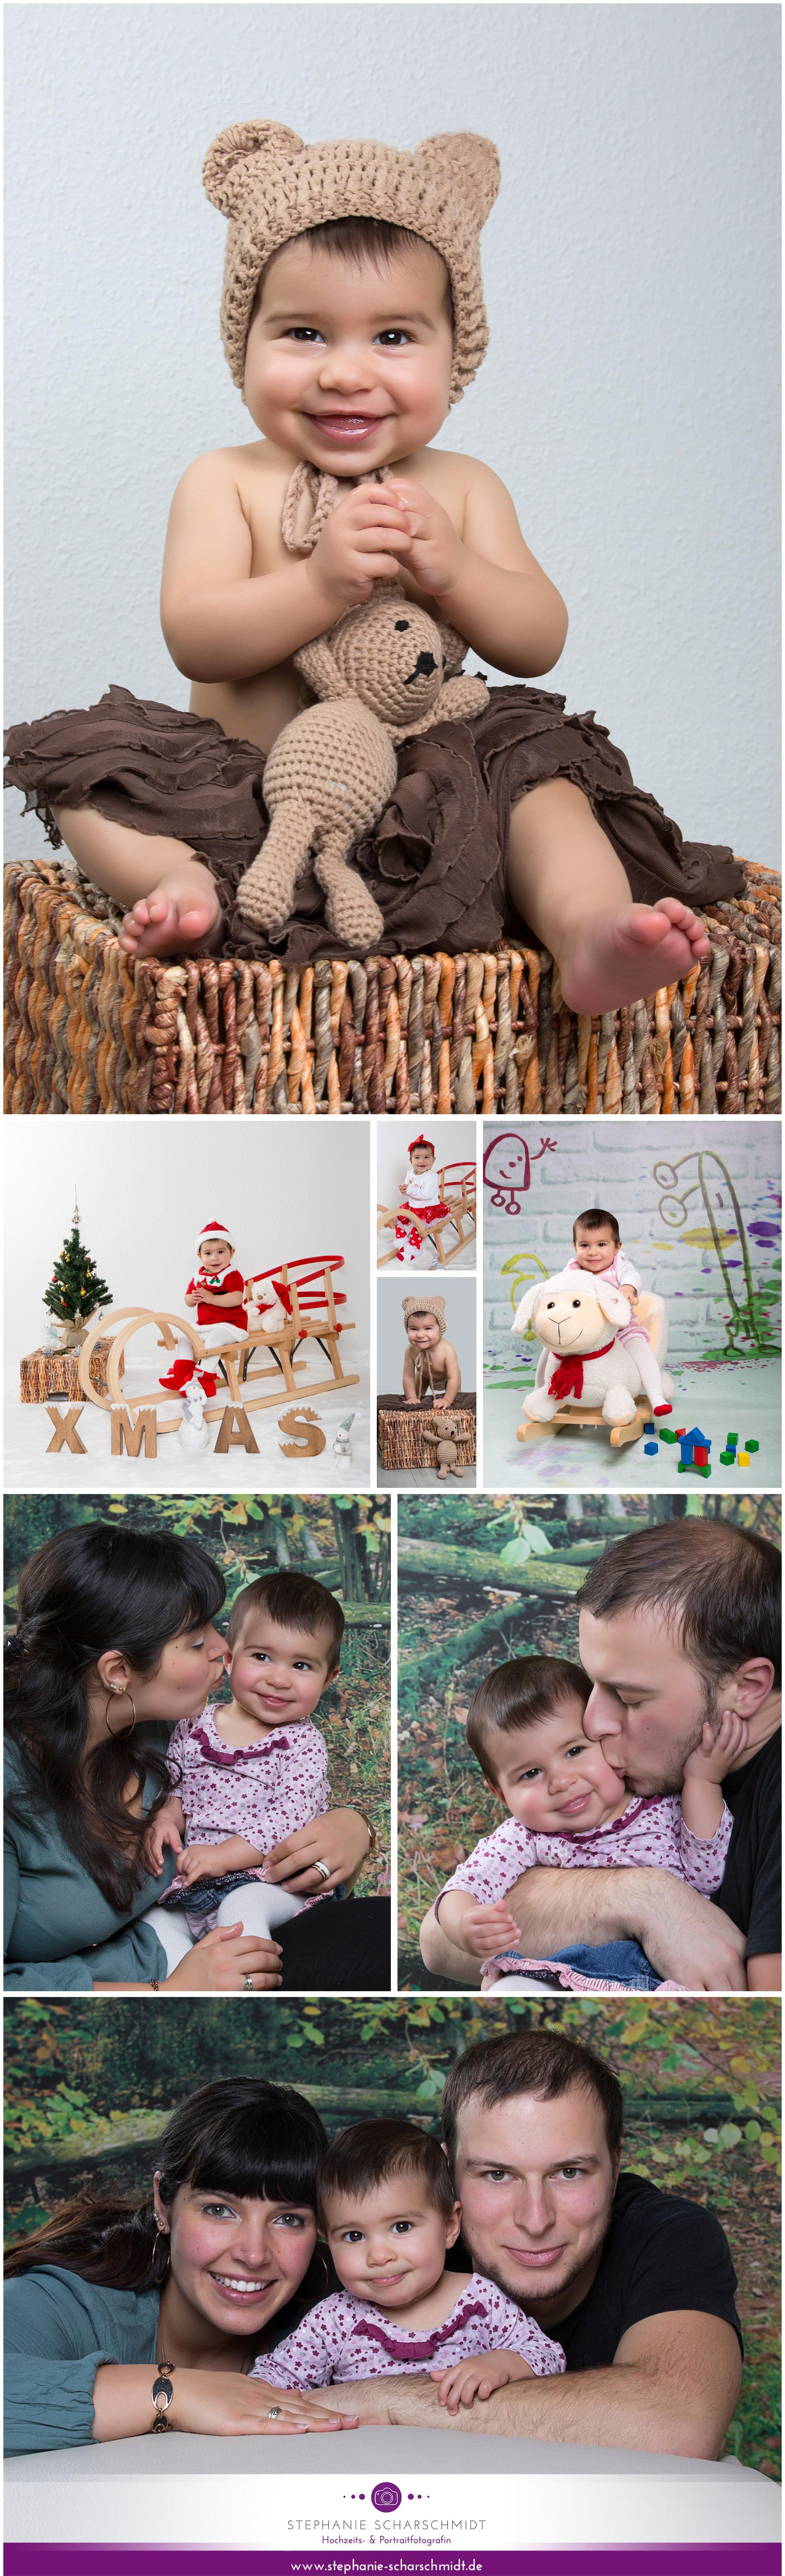 Familienfotos mit Baby - Babyfotograf Plauen Stephanie Scharschmidt